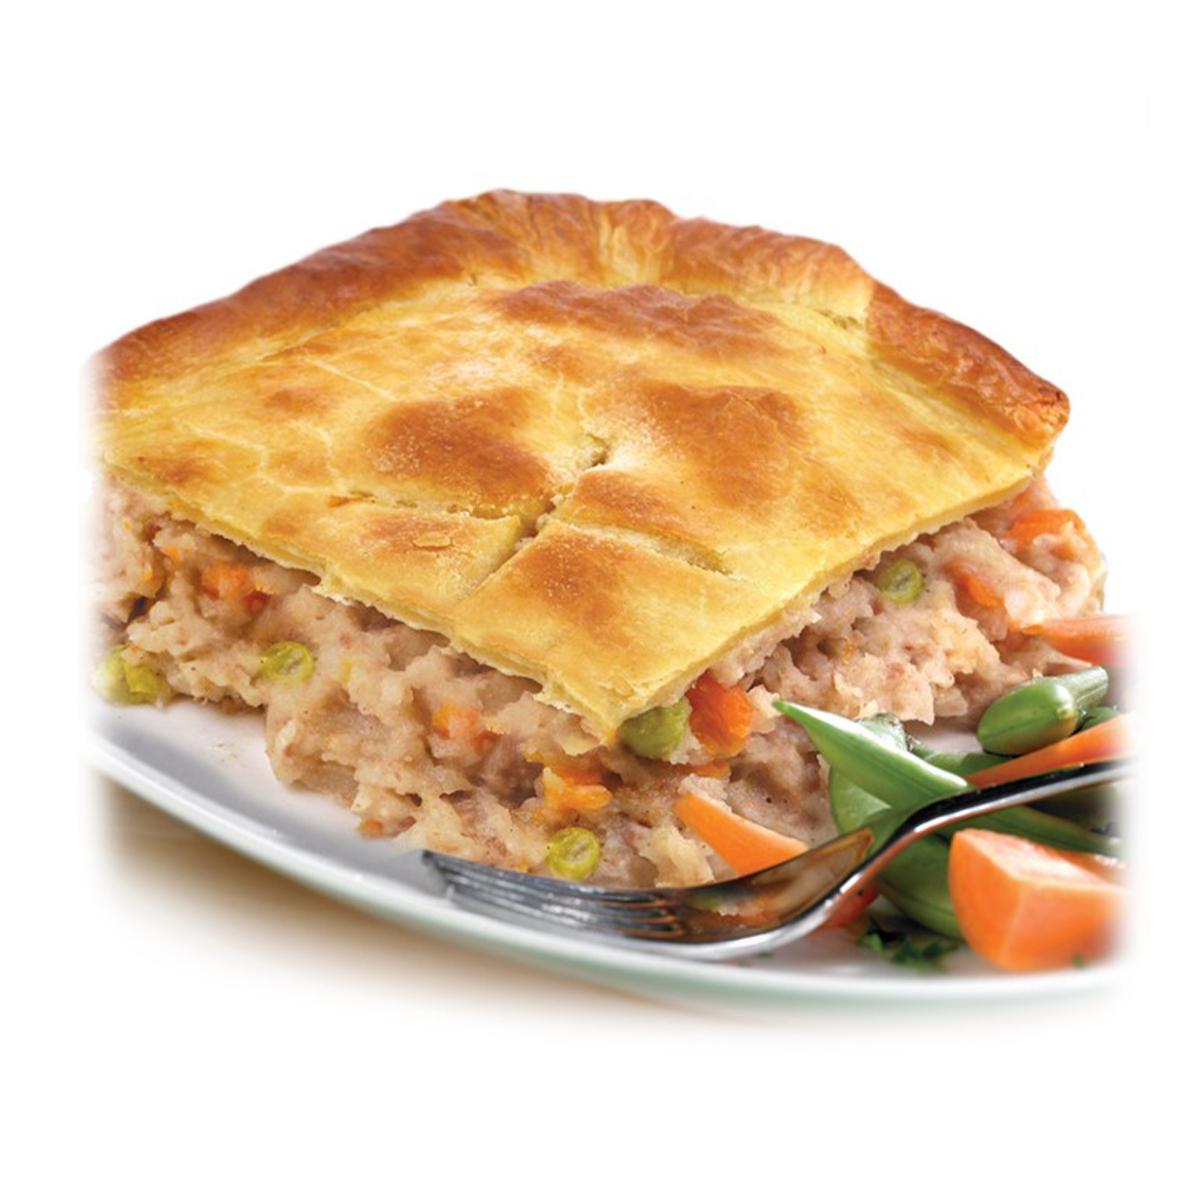 Party Pie - Lancashire Pie